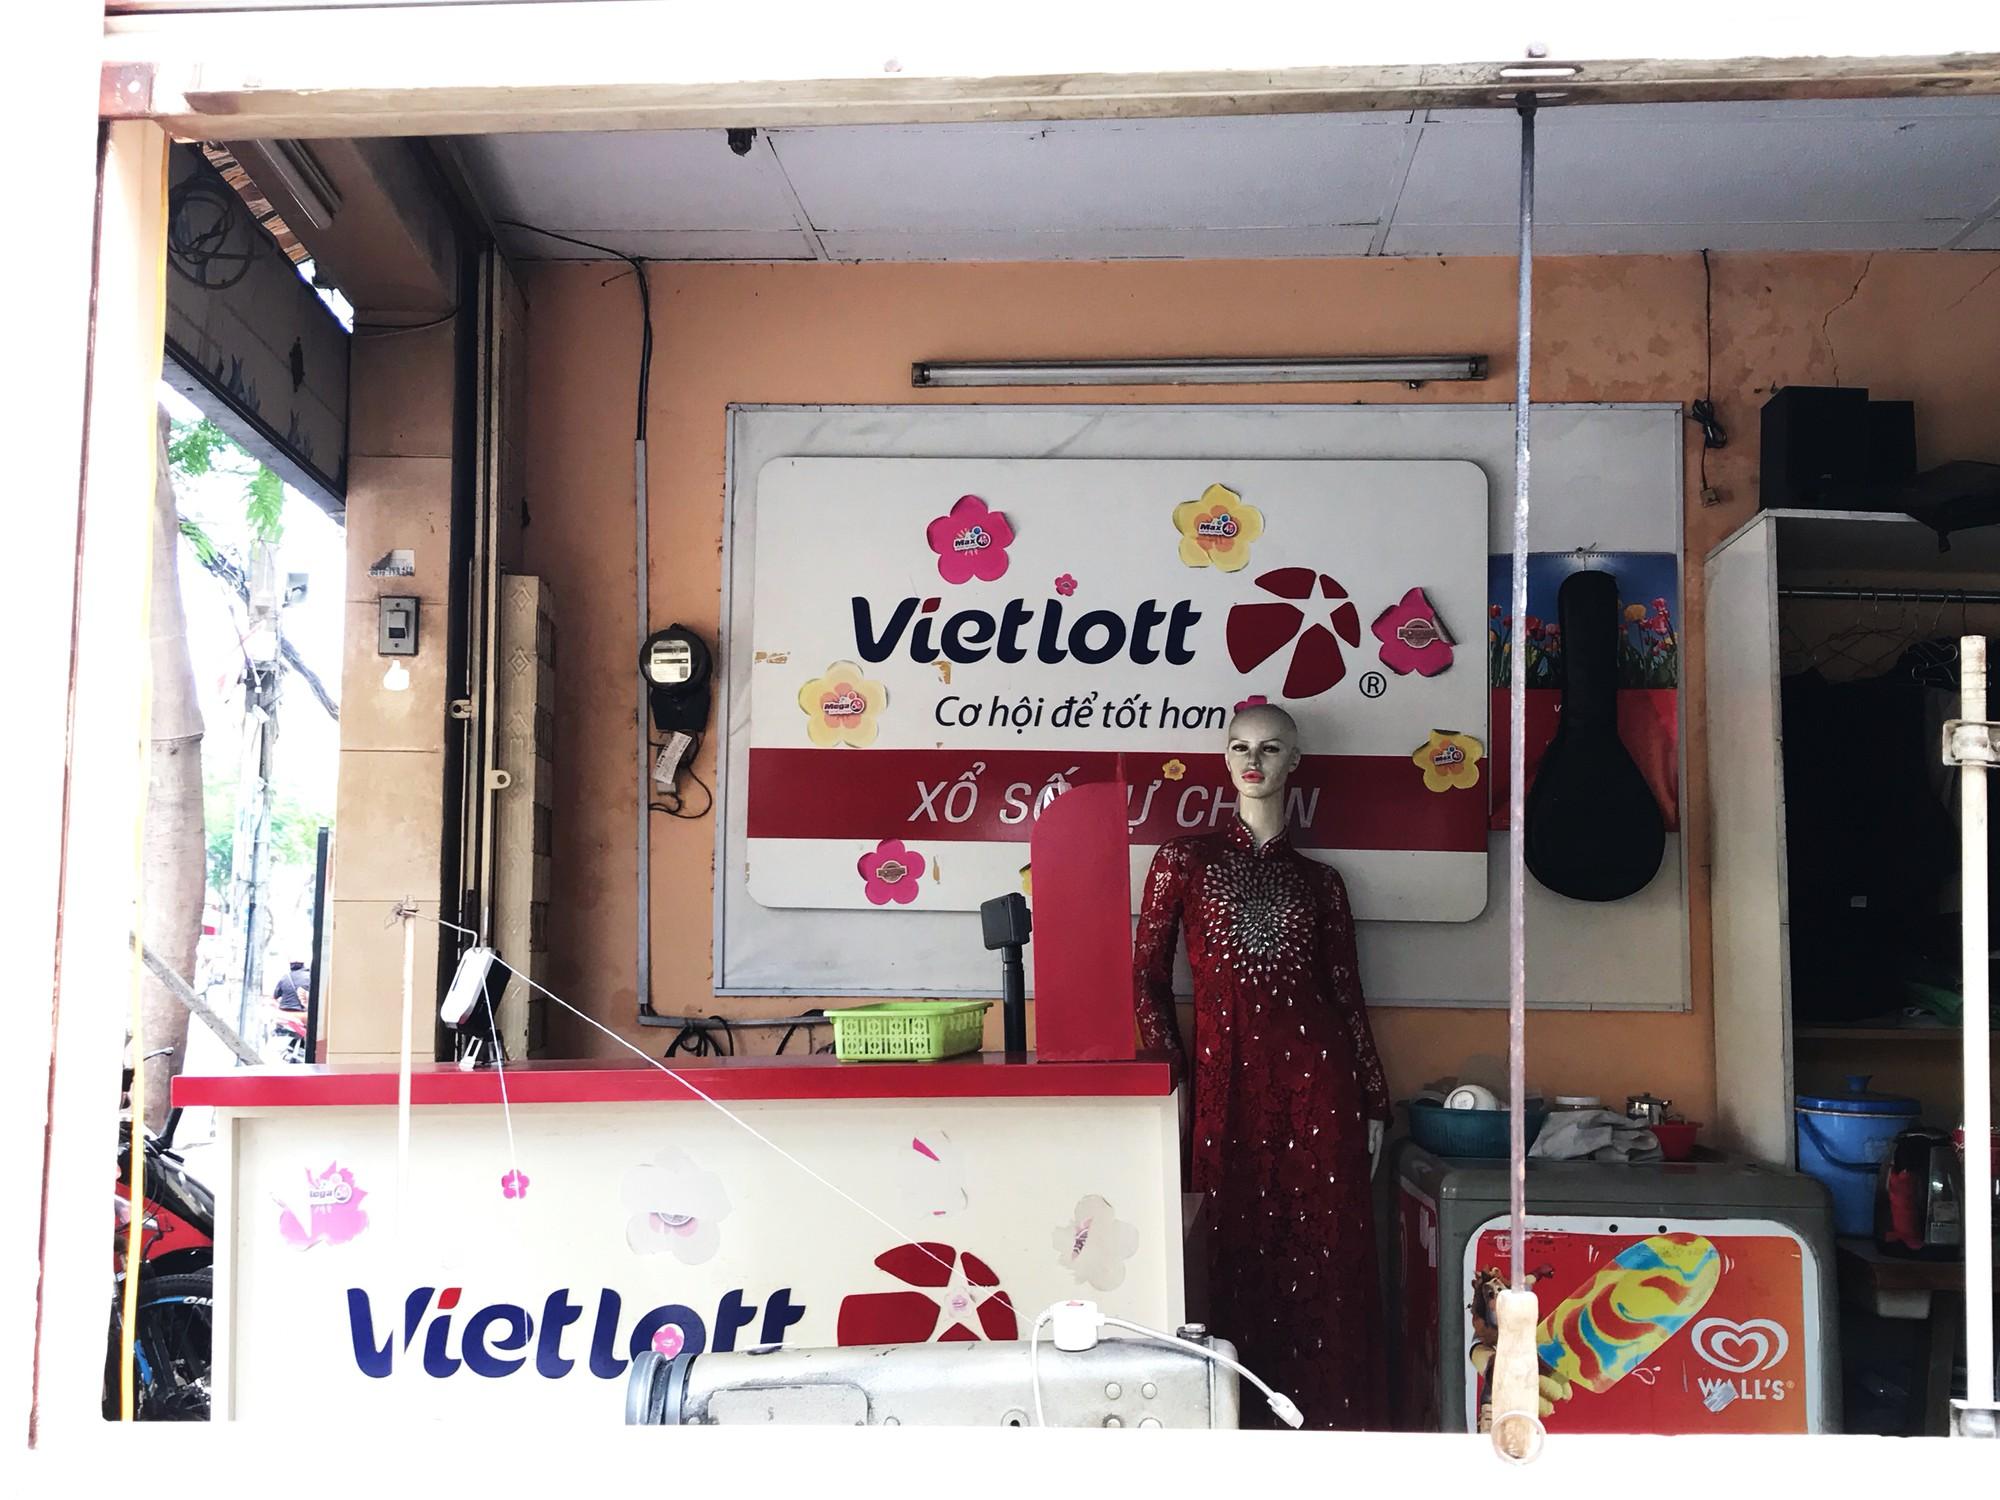 Đại lí Vietlott ế chỏng chơ, sống ghép các cửa hàng tiện lợi